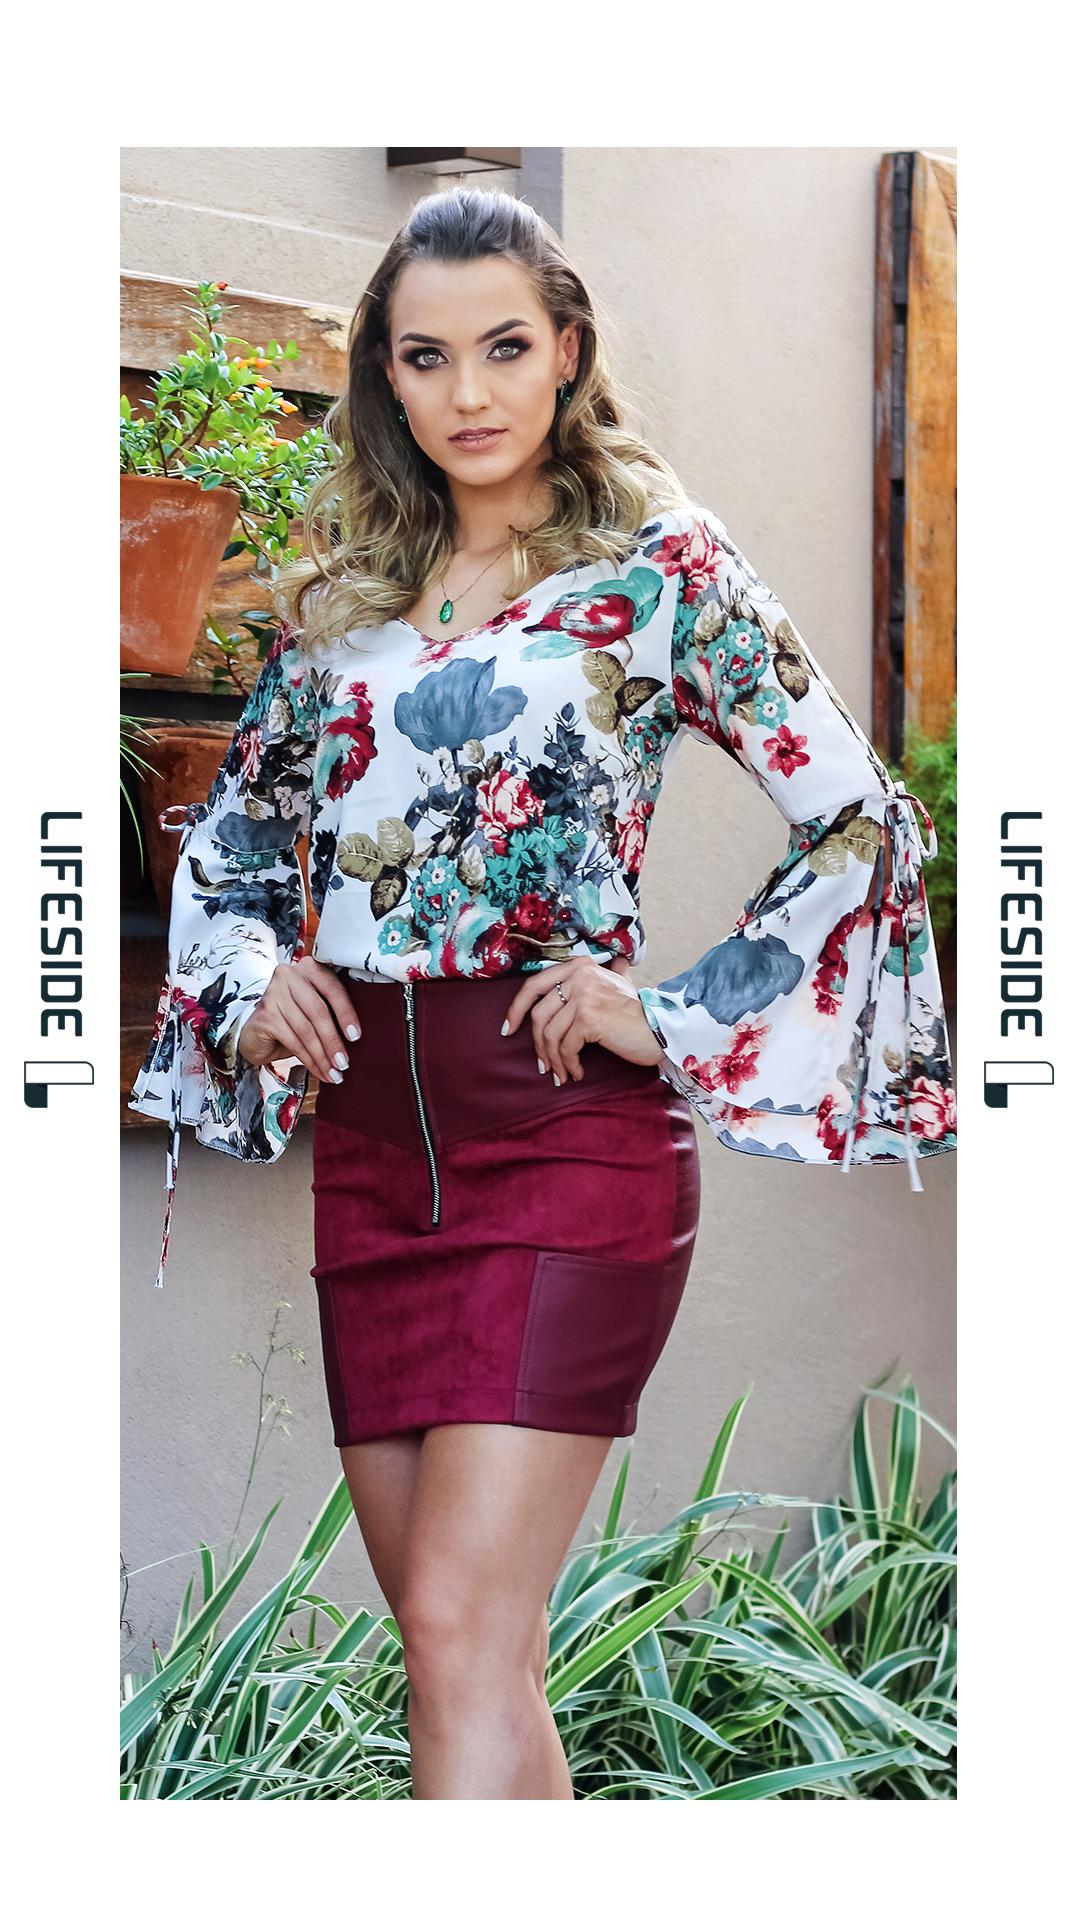 fb7446358dc4 LIFESIDE, Moda Feminina Outono Inverno. Blusa floral com amarração no  cotovelo e manga fluída. Saia com mix de tecidos: couro e suede.